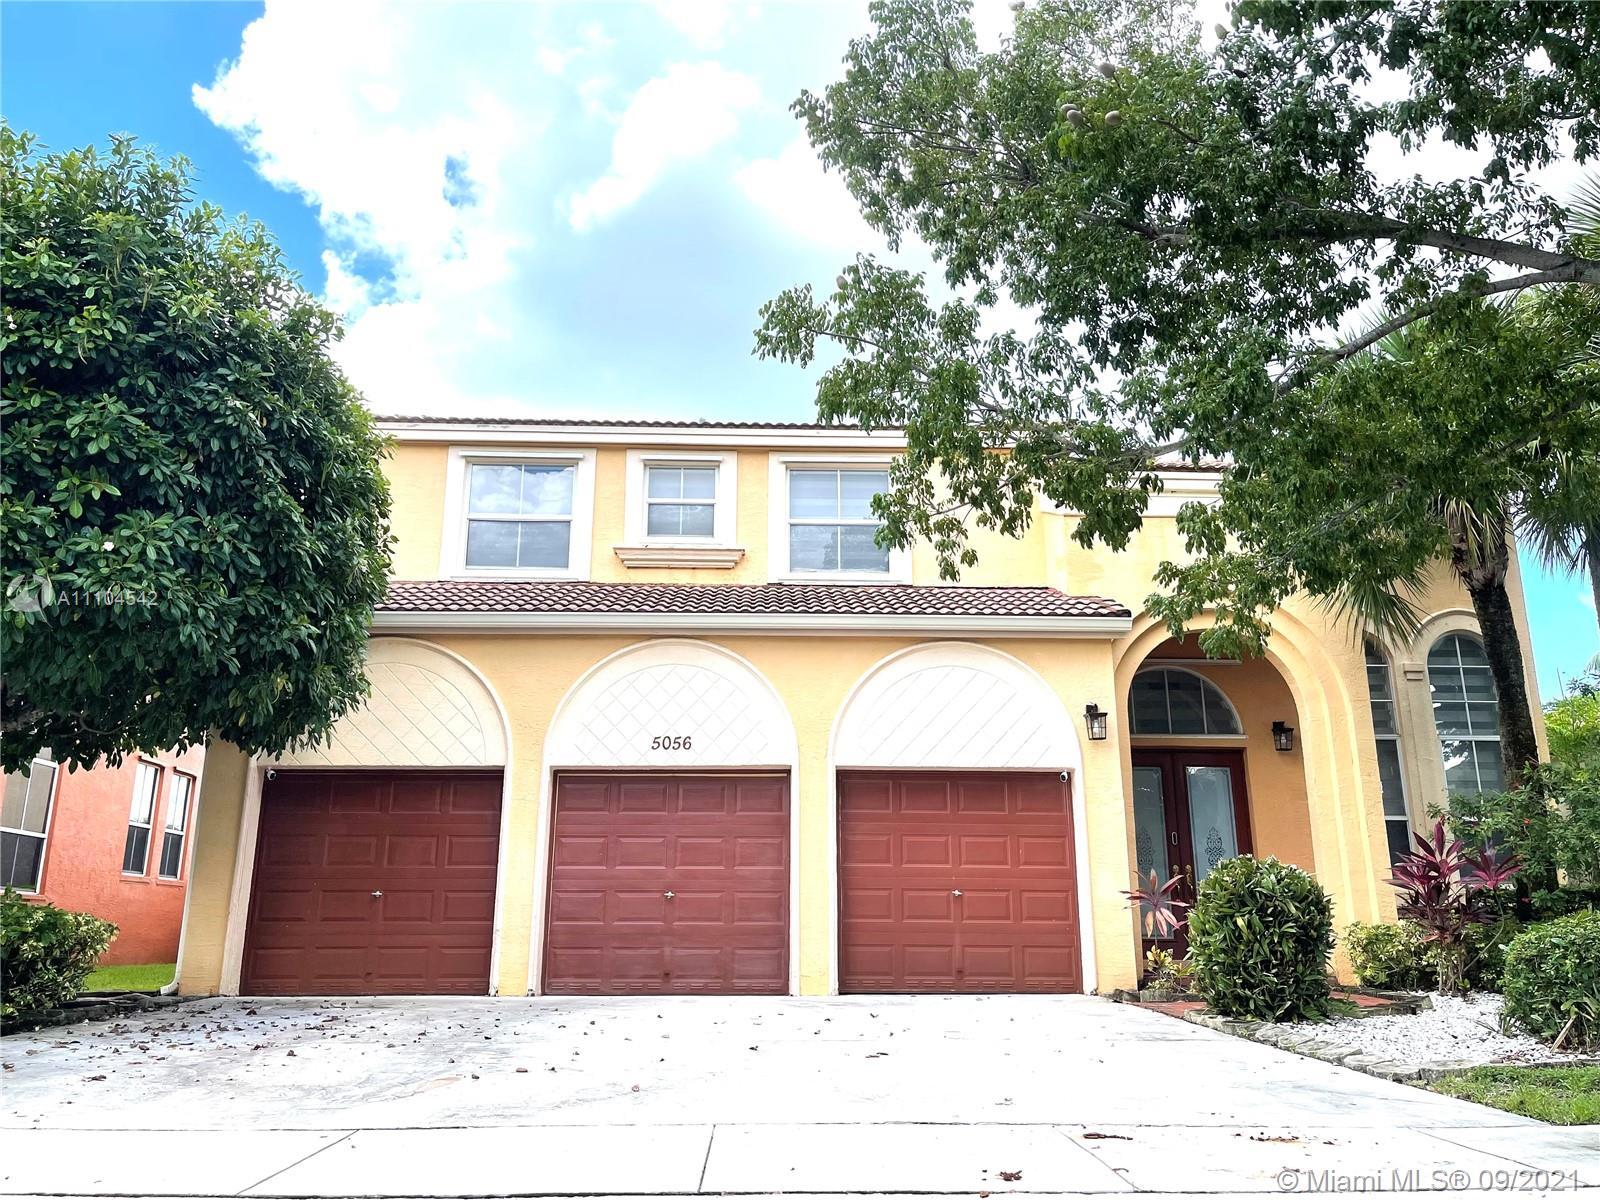 Riviera Isles #5056 - 5056 SW 162nd Ave #5056, Miramar, FL 33027